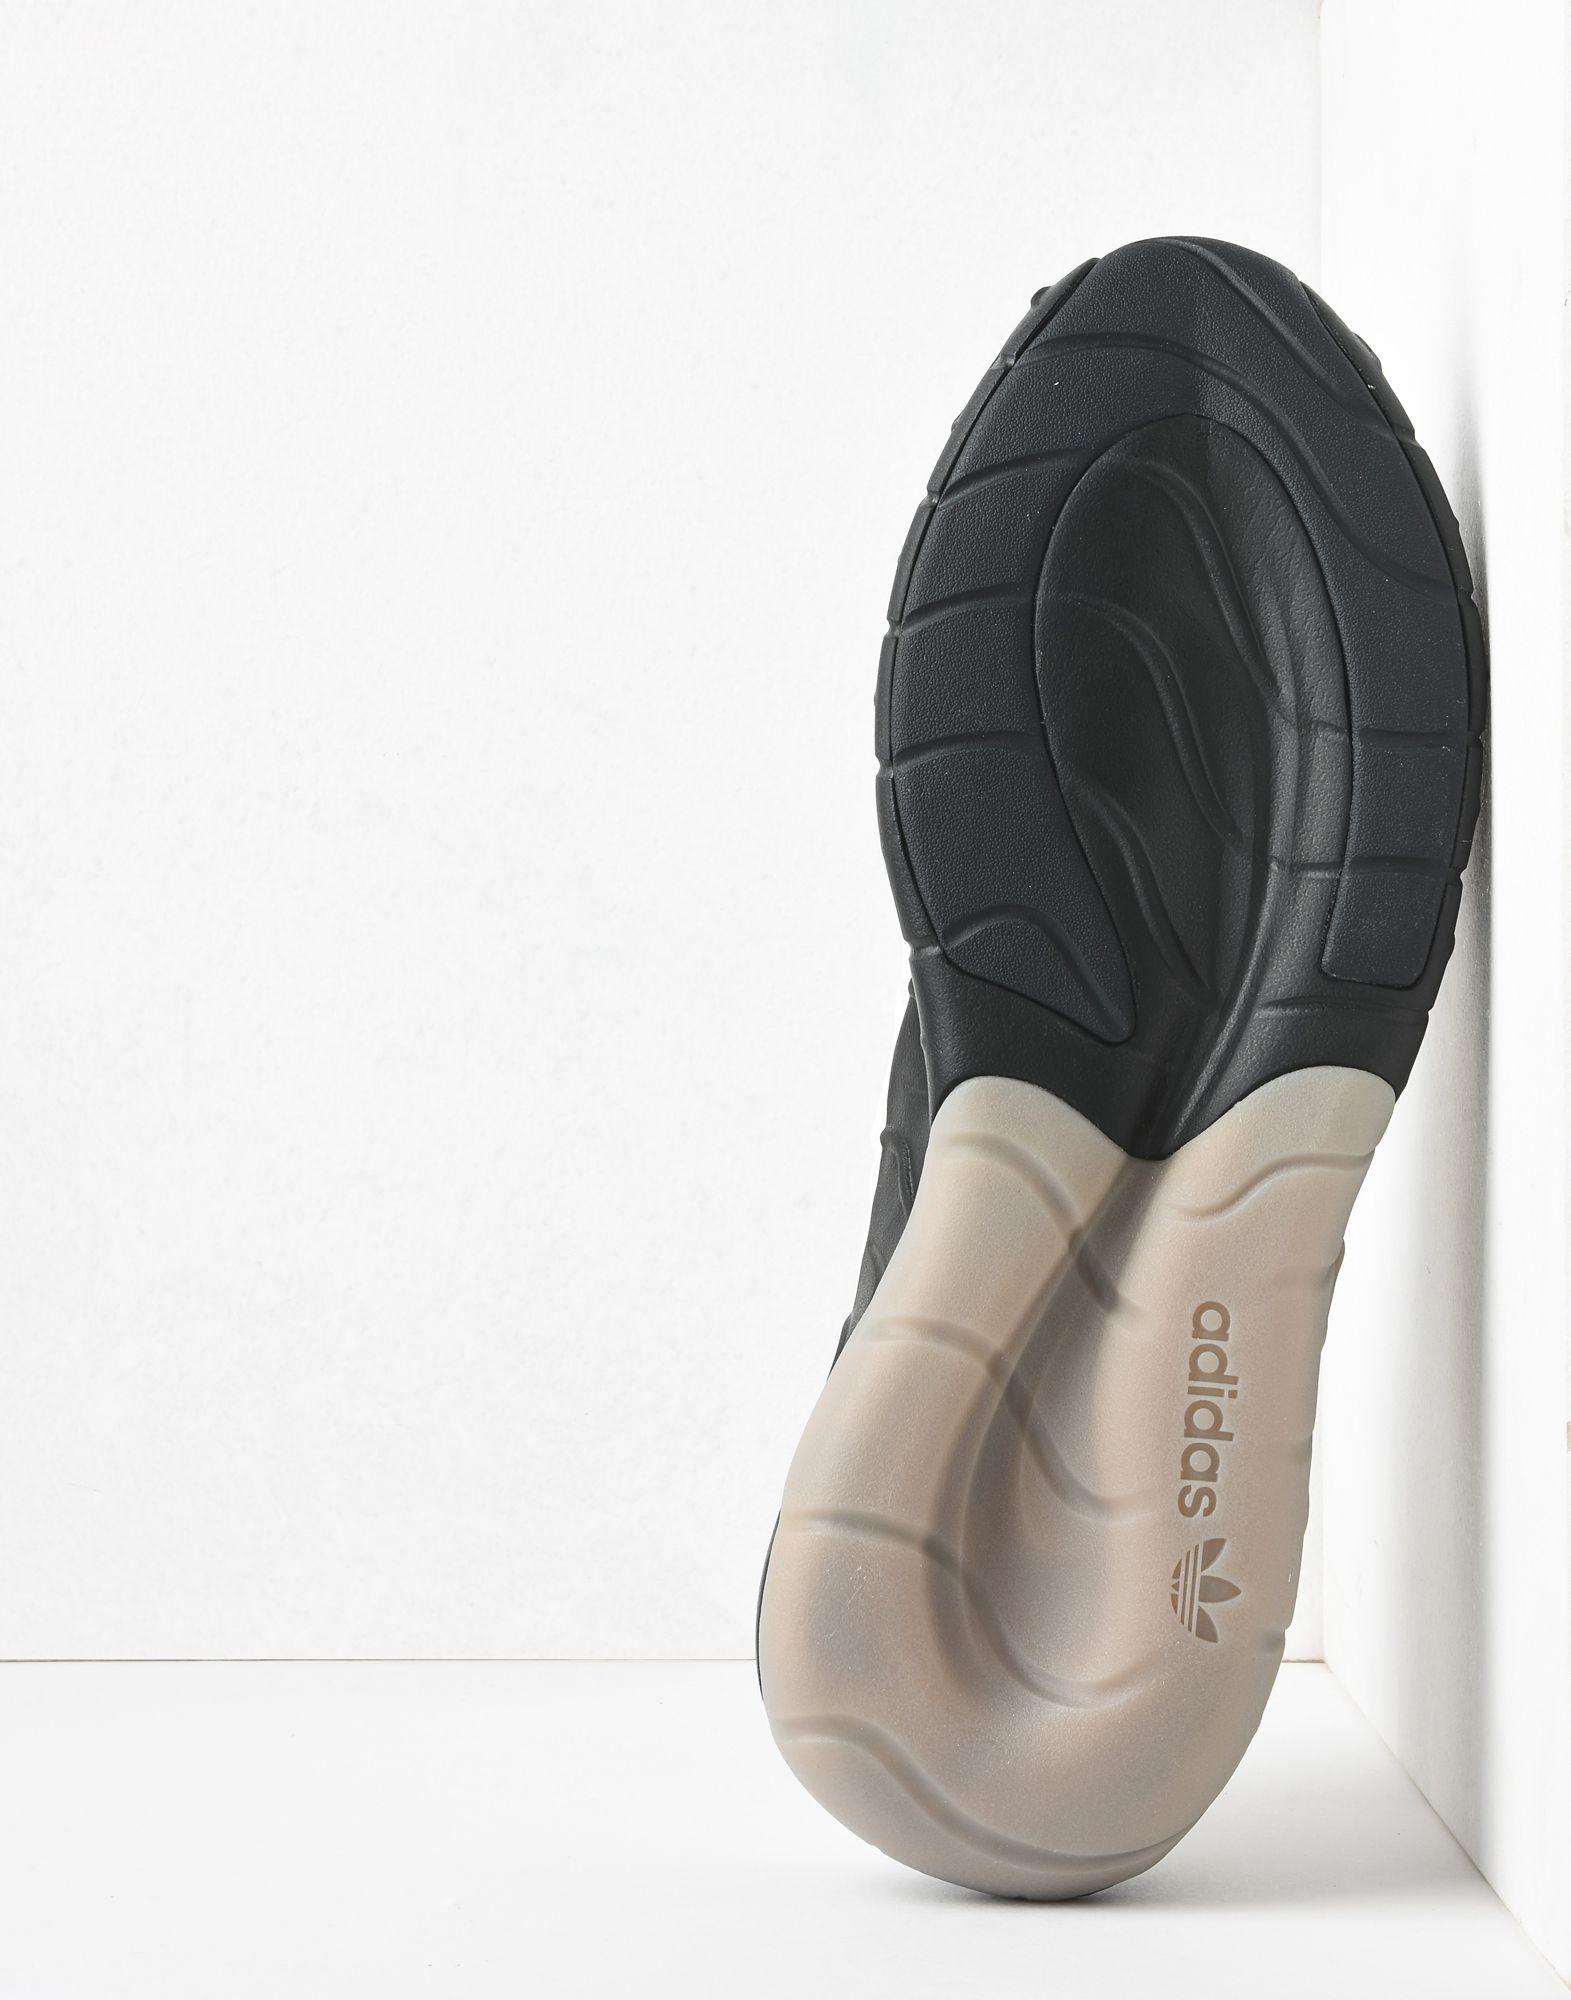 Adidas Originals Tubular Rise Pk  Schuhe 11436253SH Gute Qualität beliebte Schuhe  13c835